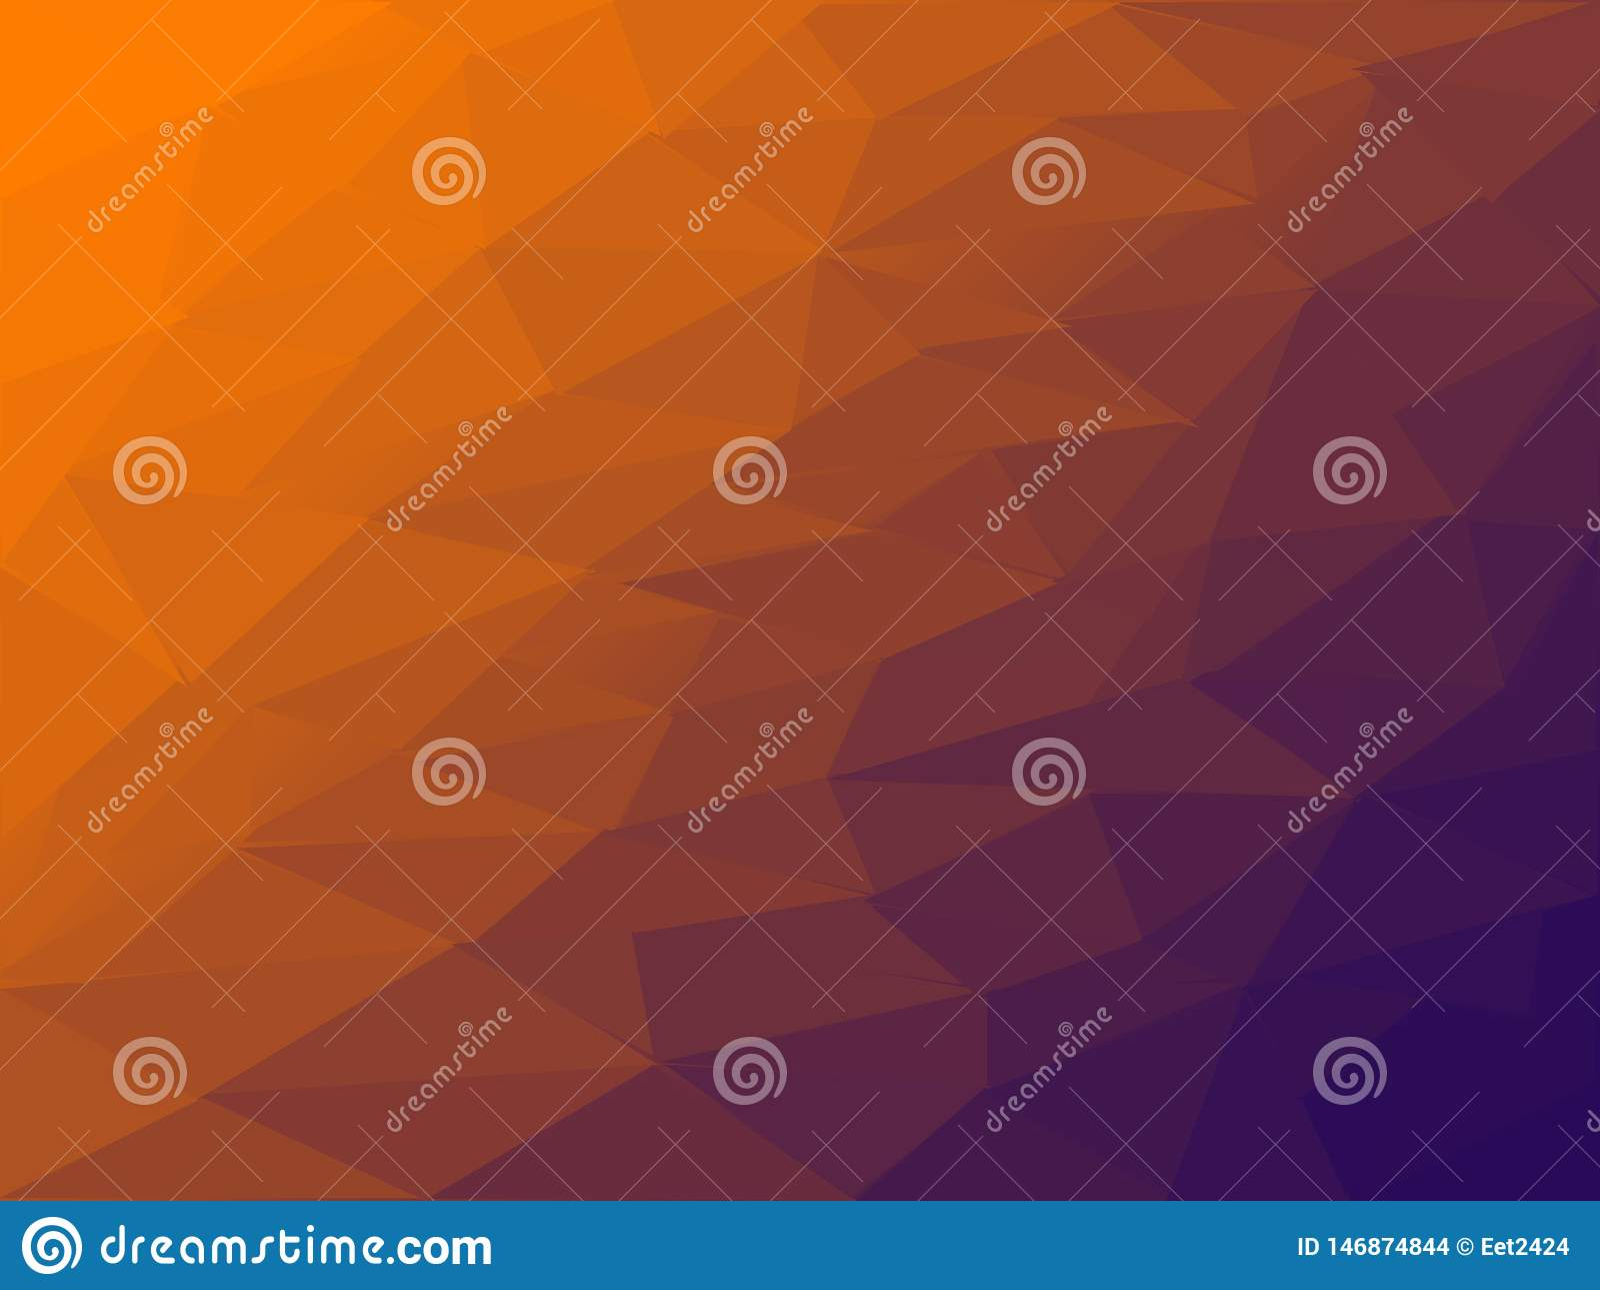 Όμορφο υπόβαθρο και ταπετσαρία απεικόνισης σύστασης χρώματος κινηματογραφήσεων σε πρώτο πλάνο πορτοκαλί και μαύρο